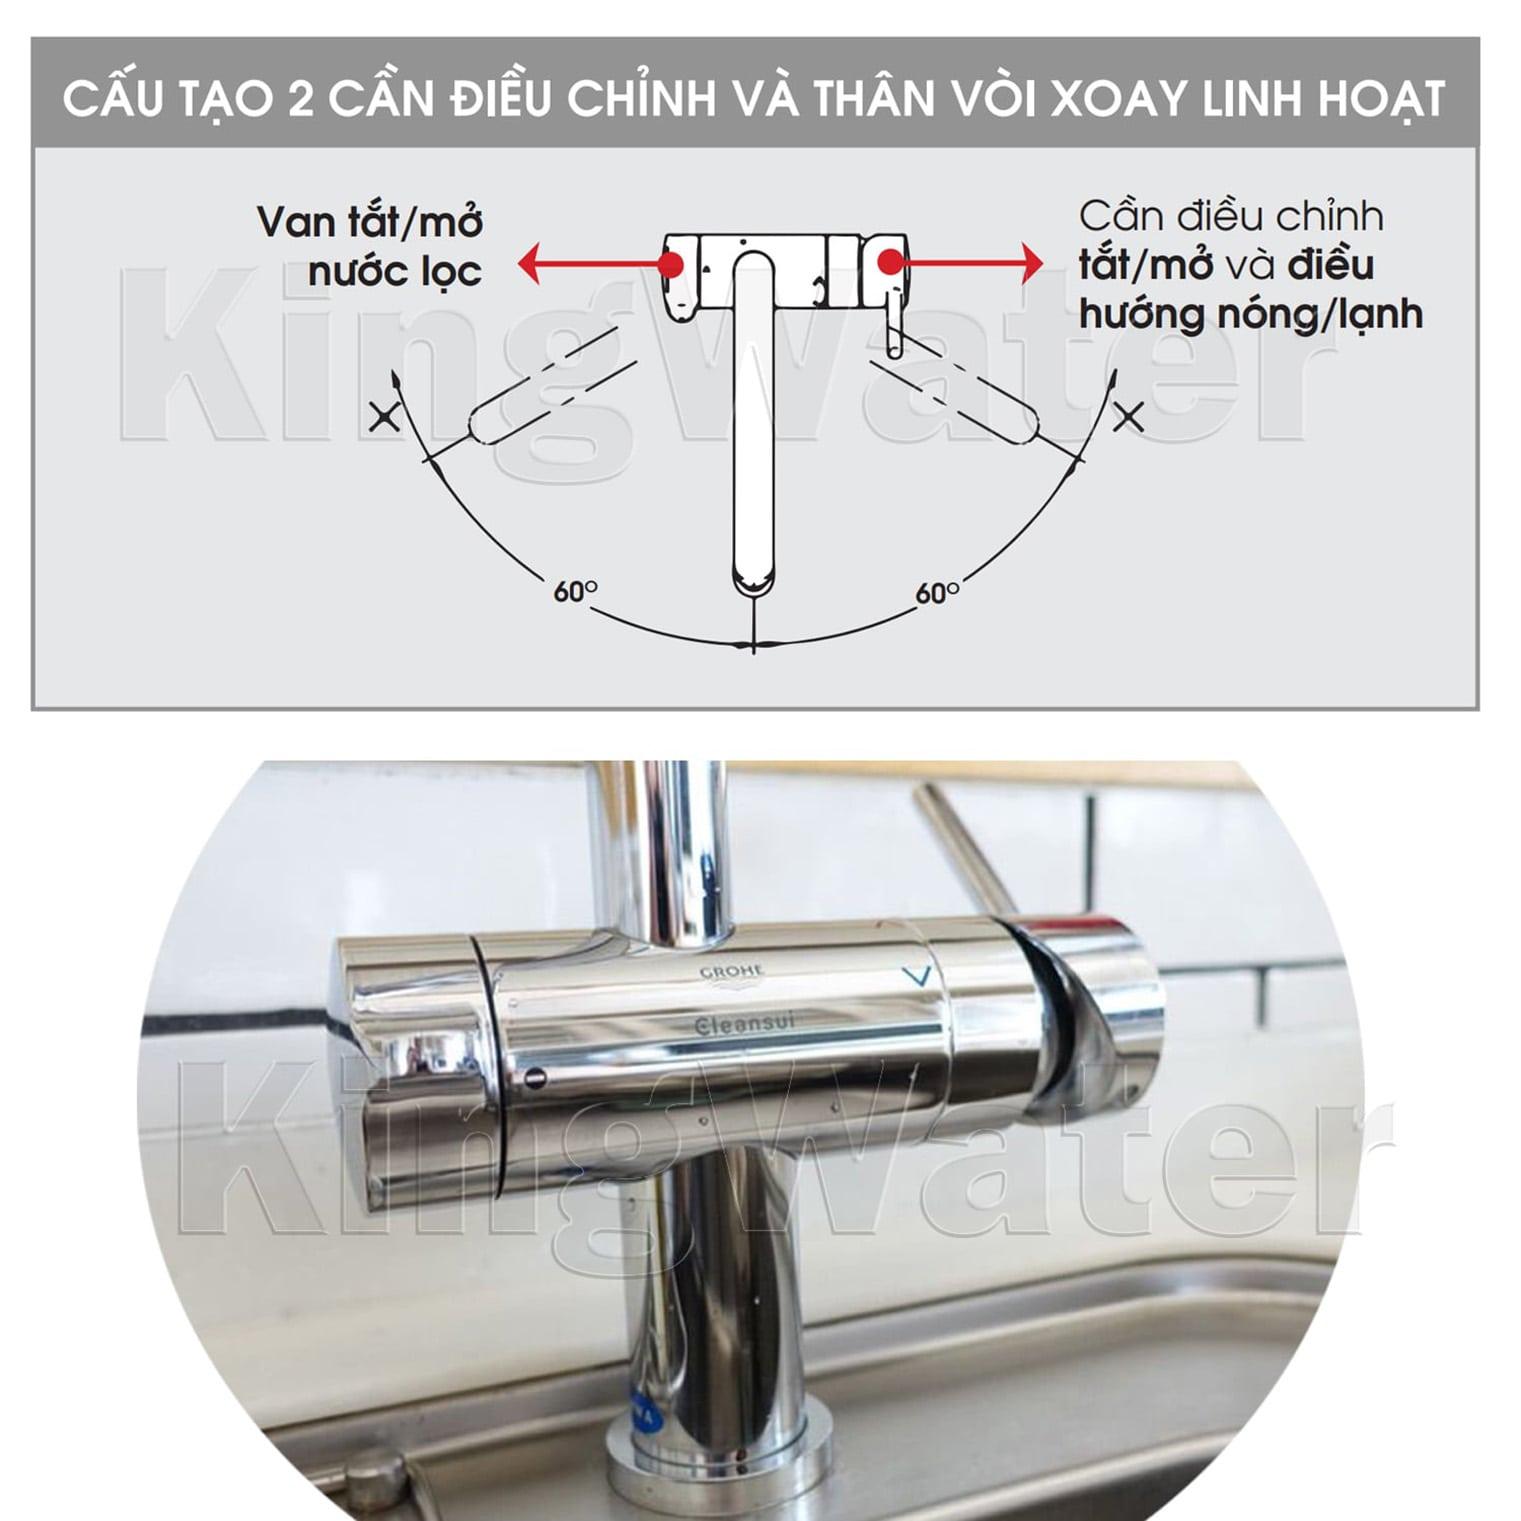 Vòi nước của máy EU201 với thiết kế có thể tháo ra và xoay 120 độ